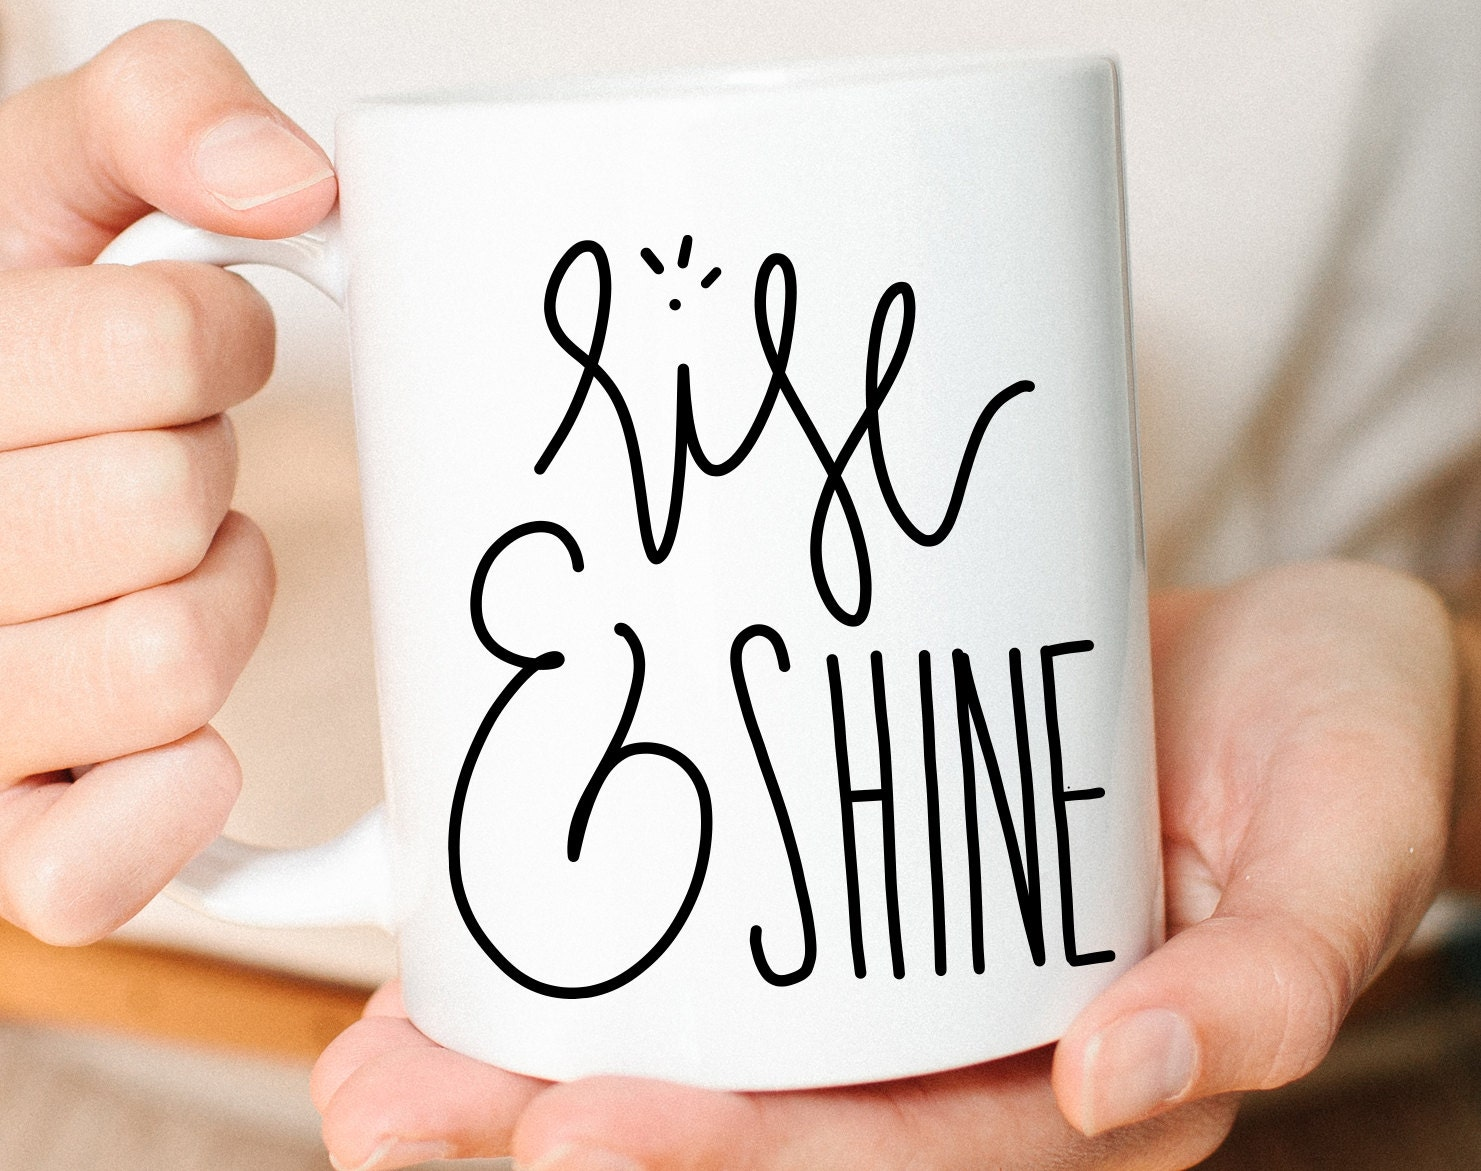 Best coffee mugs etsy -  Zoom